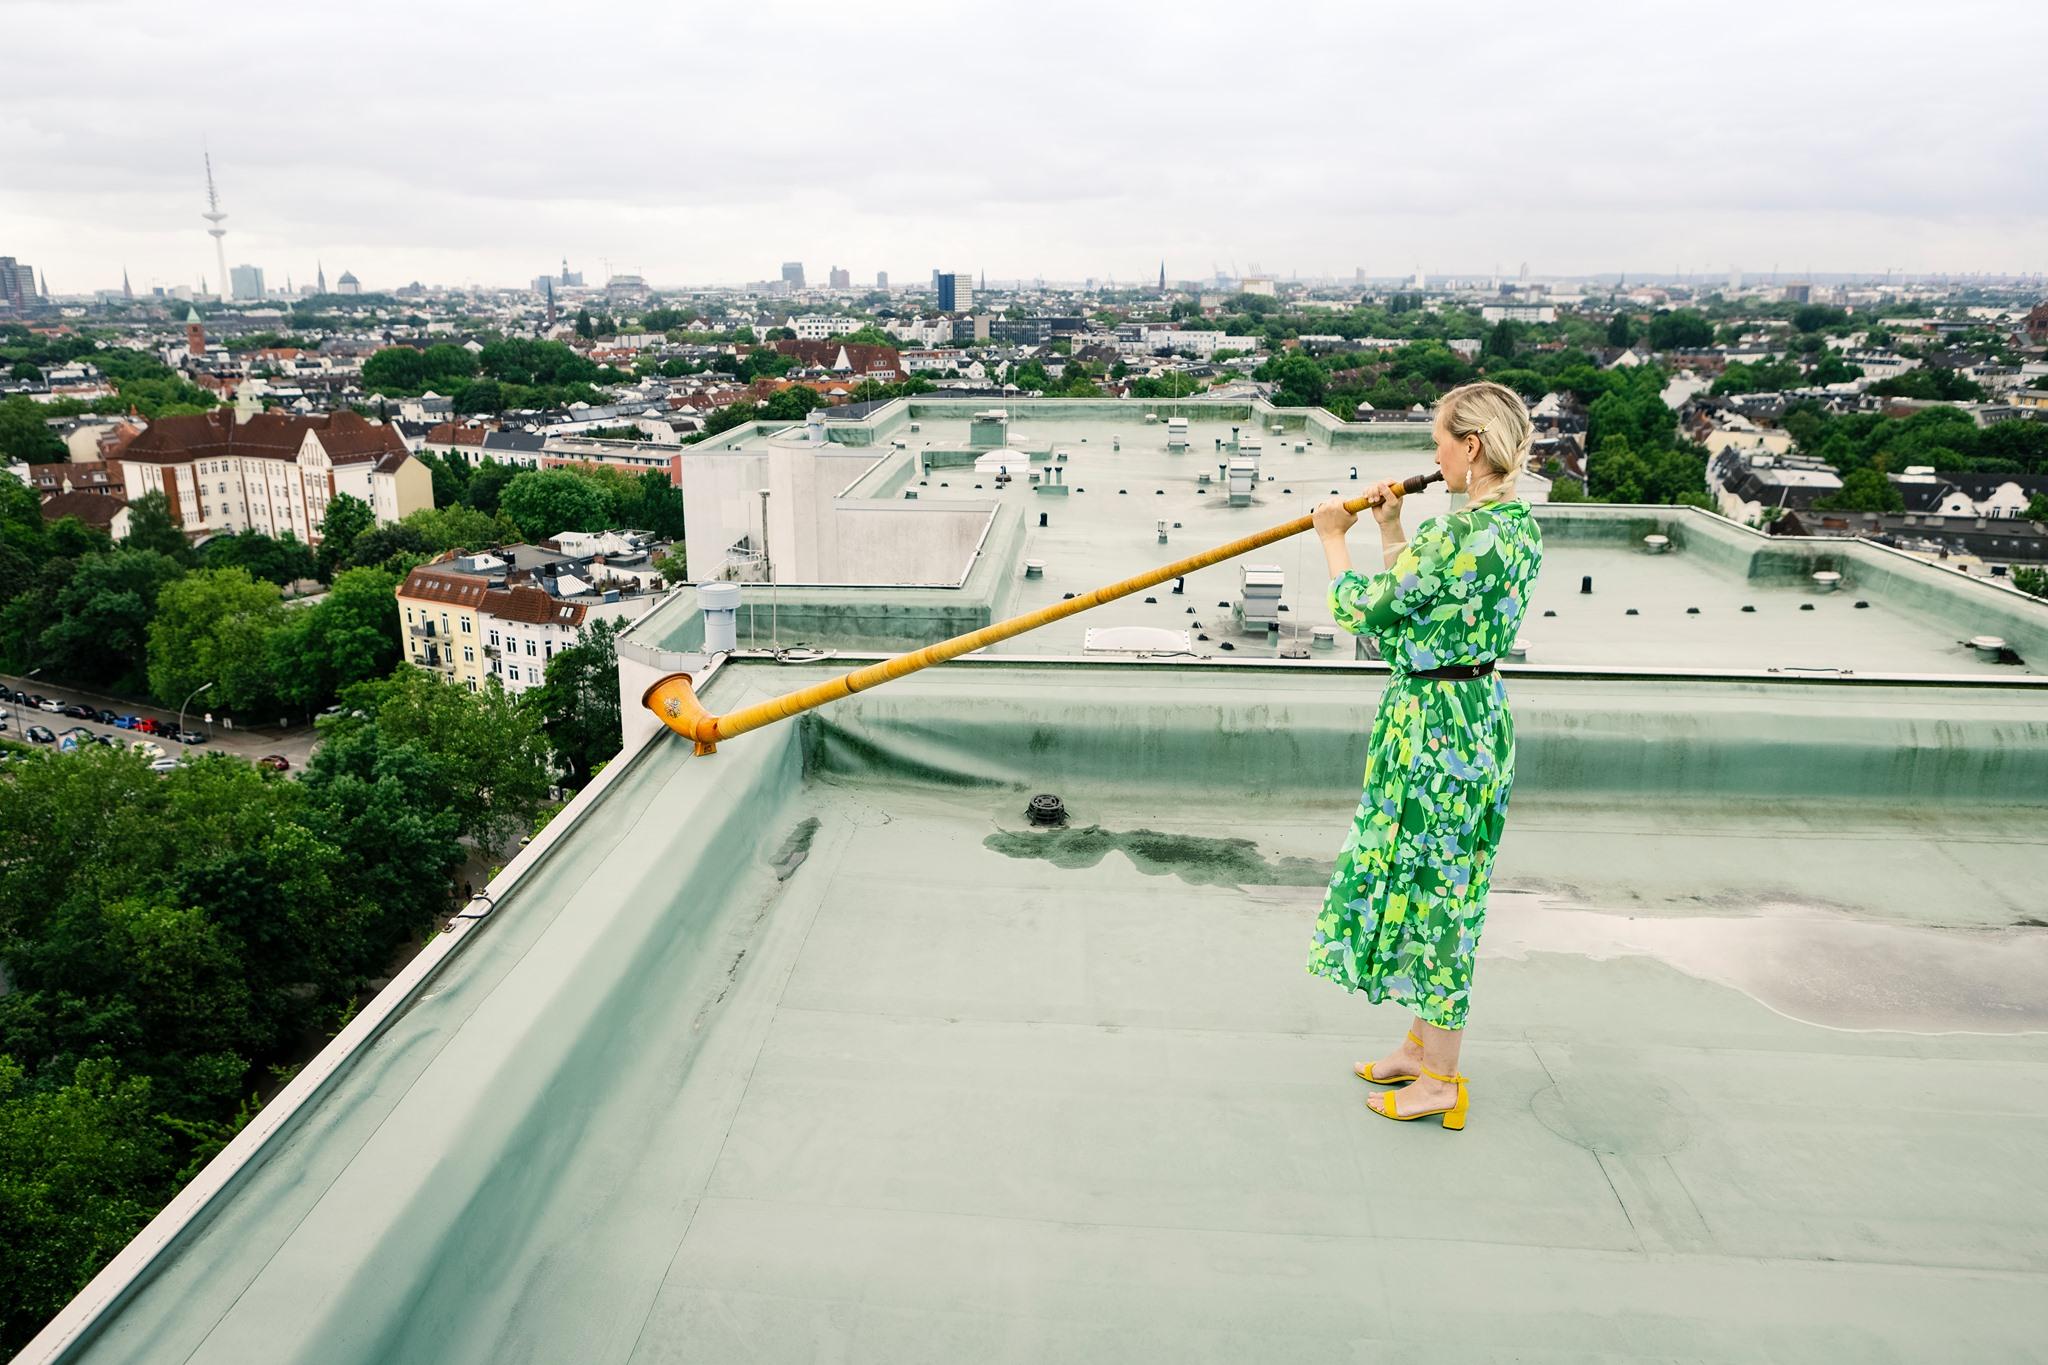 Über den Dächer der Stadt spielen die Dresdner Sinfoniker ein Konzert.